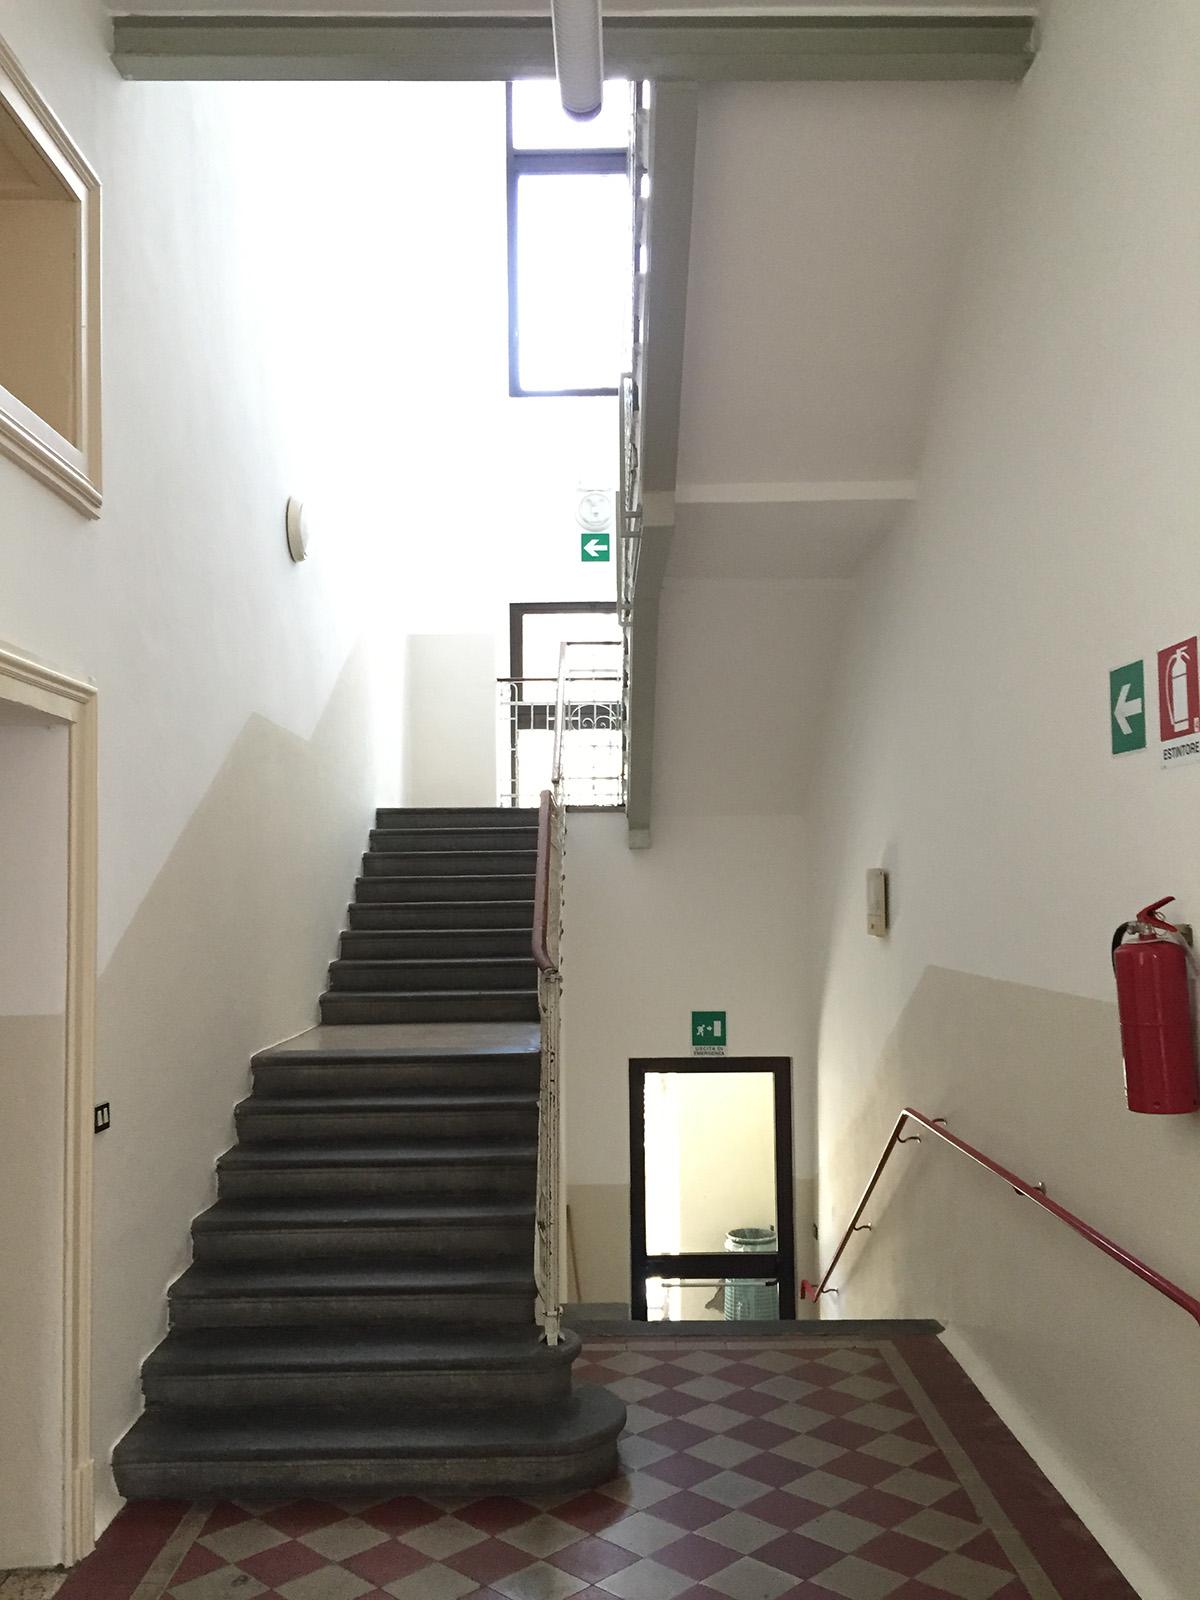 Perico-Renato-Pradalunga (BG) - Scuola comunale - Manutenzione straordinaria 8